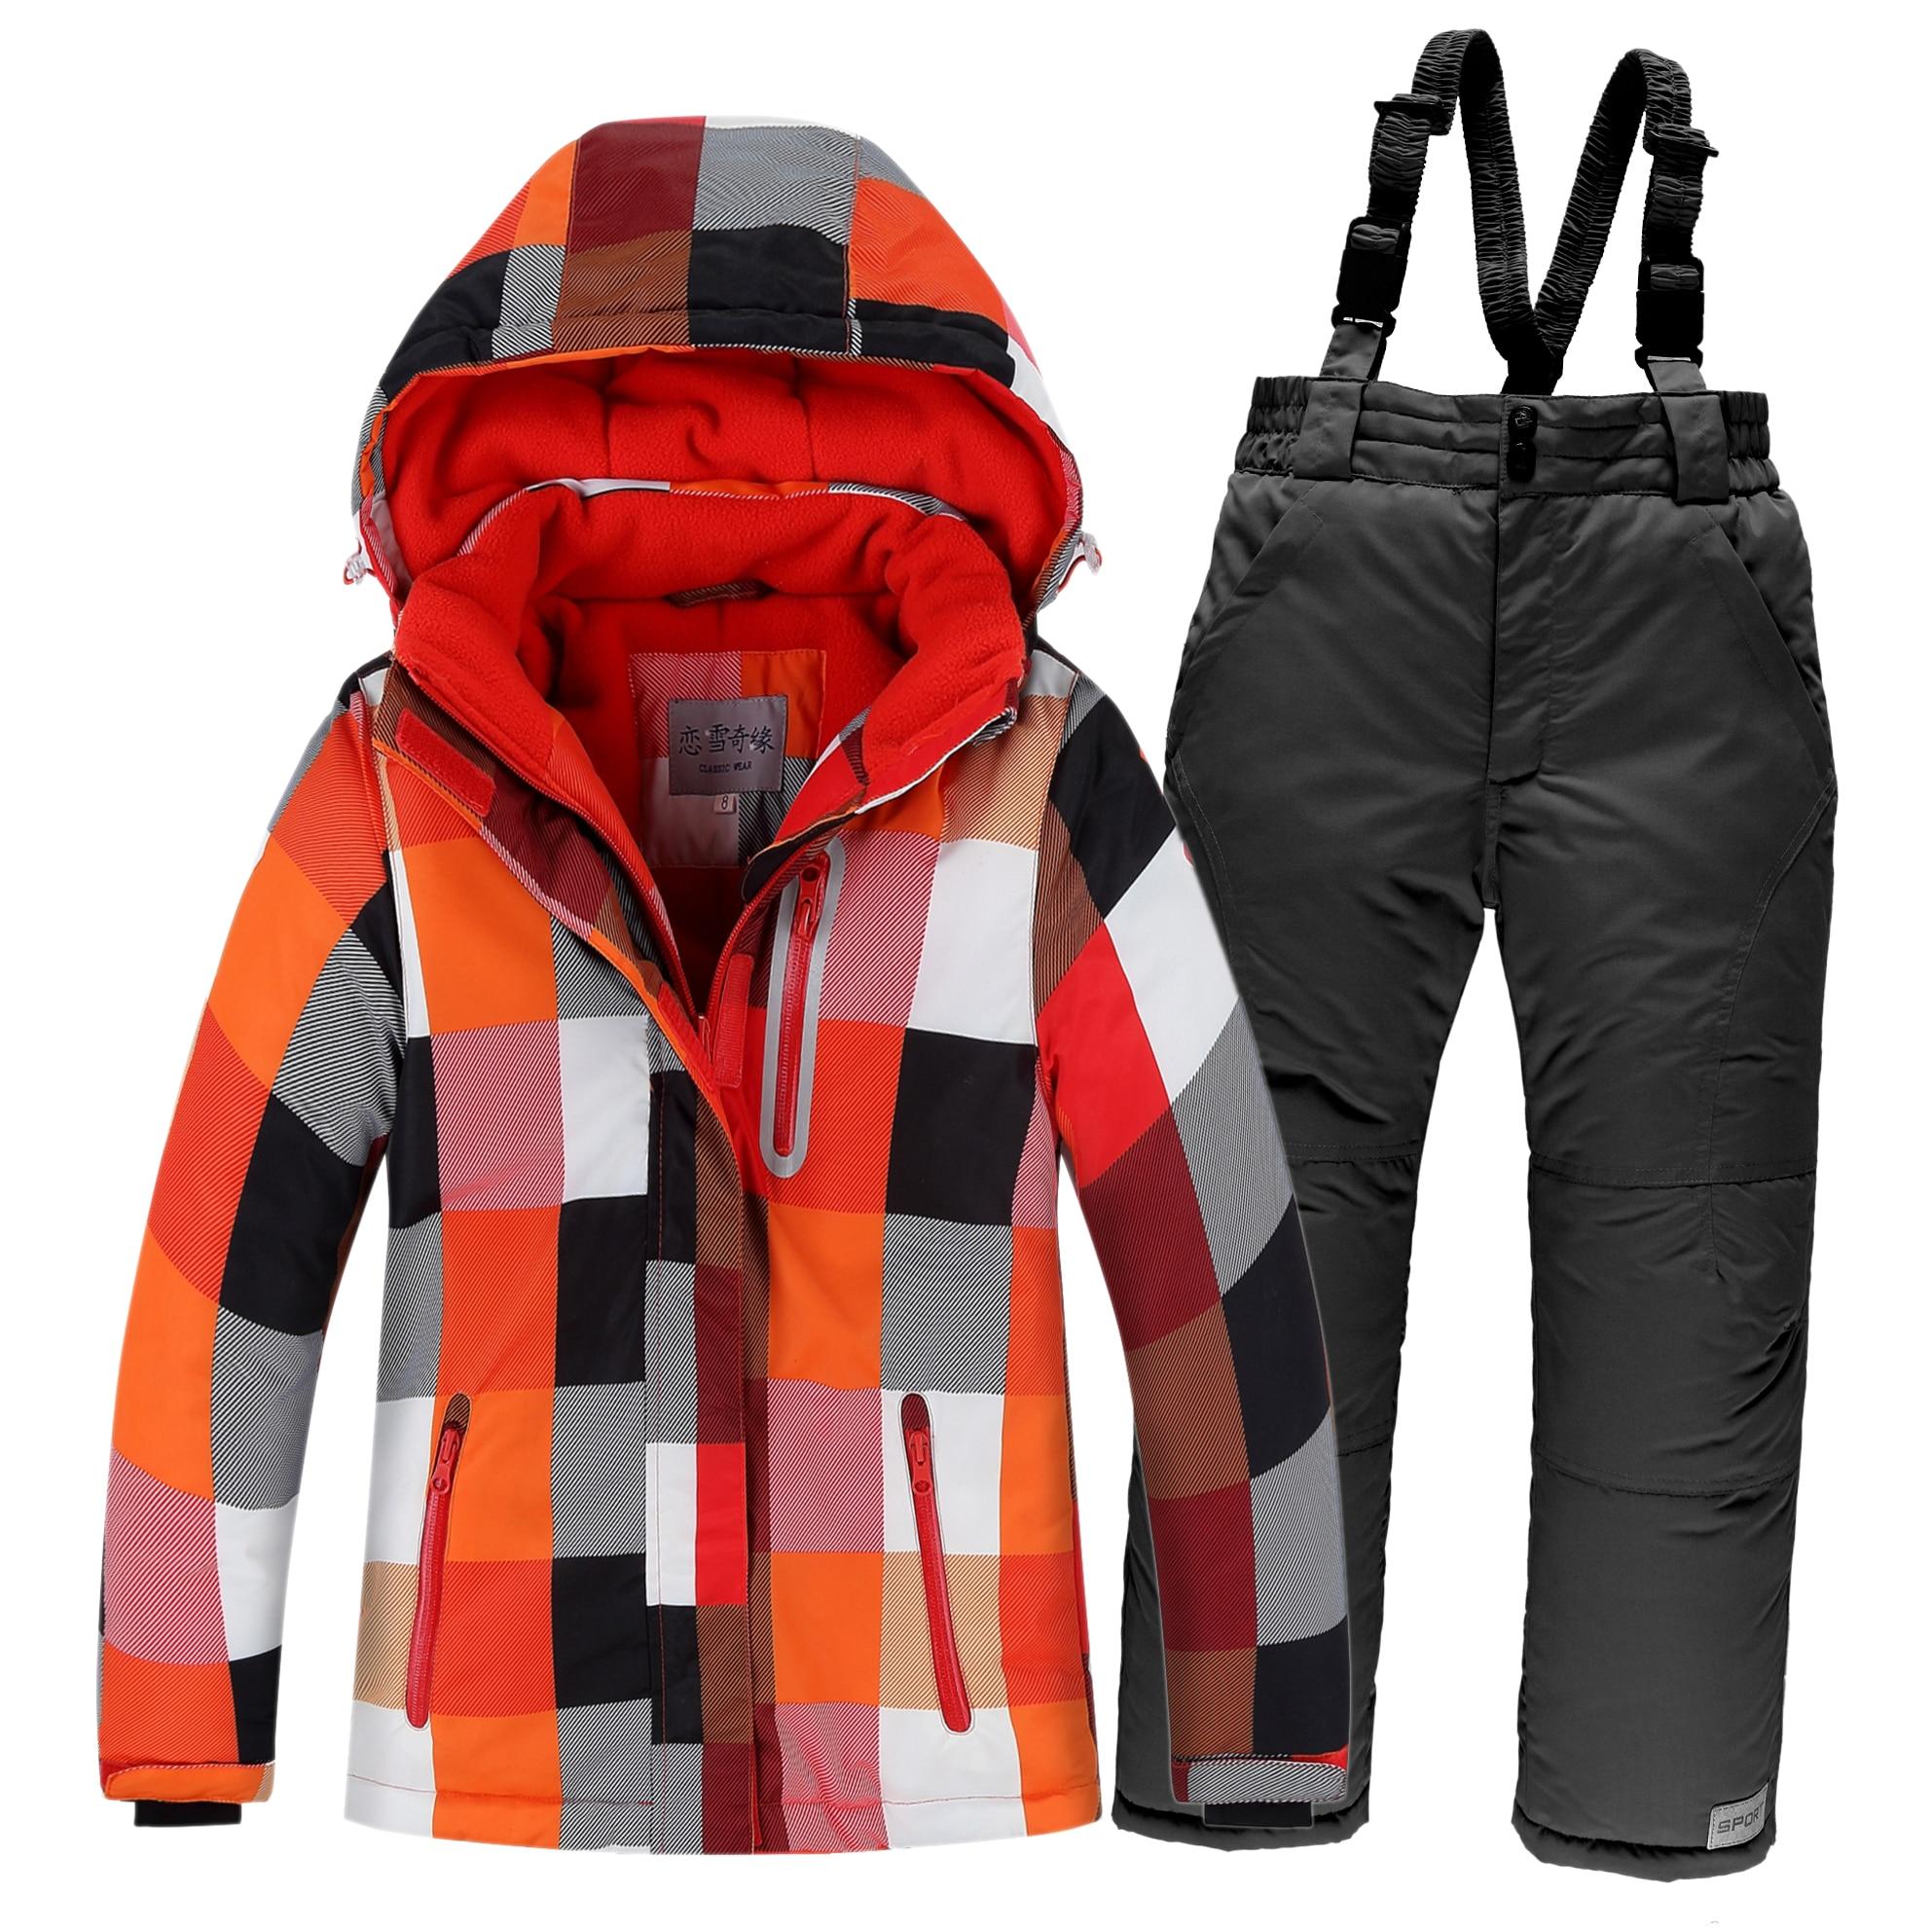 OLEKID Детский зимний лыжный костюм теплая ветронепроницаемая куртка для девочек + комбинезон комплекты одежды для мальчиков 3-16 лет зимний ко...